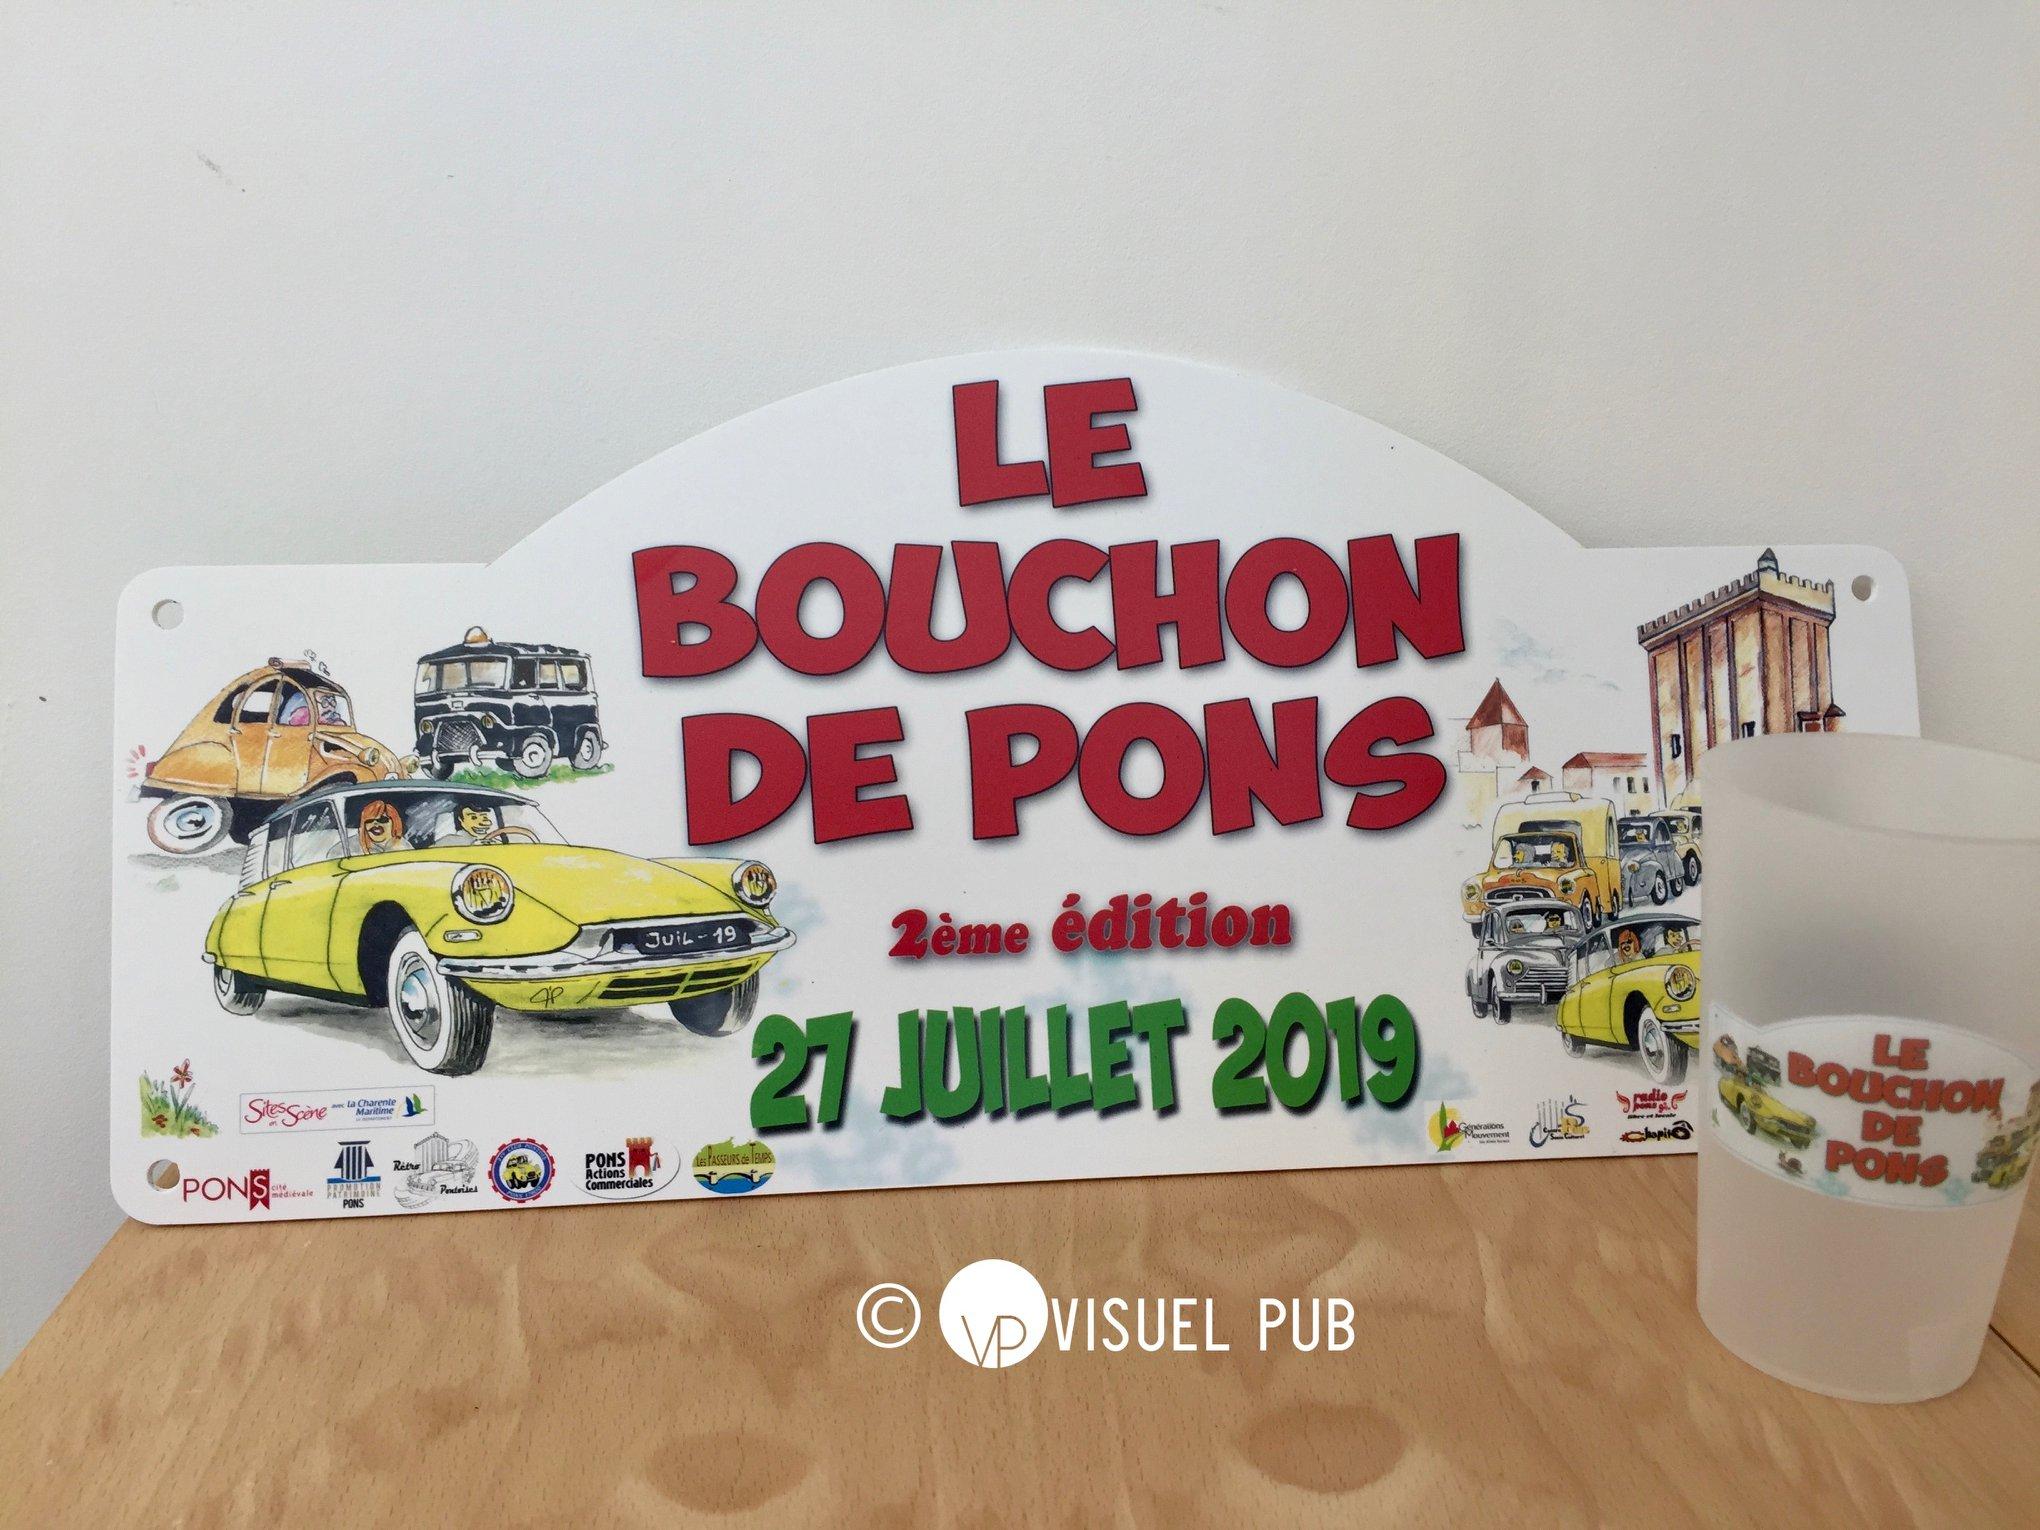 Pons Actions Commerciales - Bouchon de Pons 2019 - 29